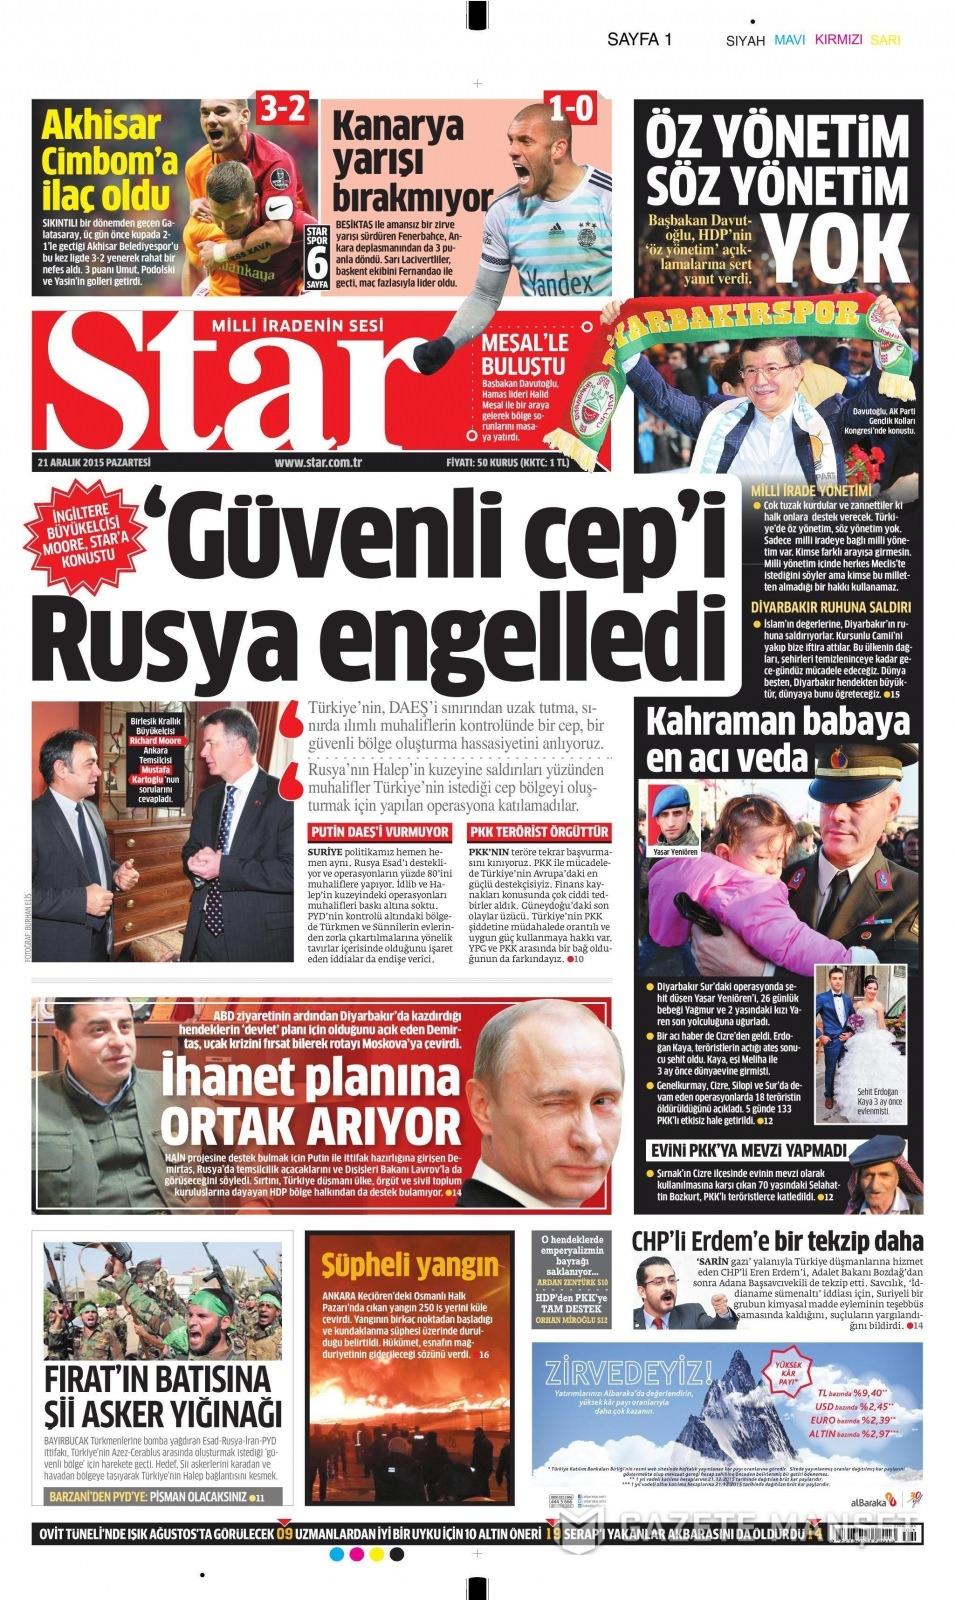 21 Aralık 2015 gazete manşetleri 15